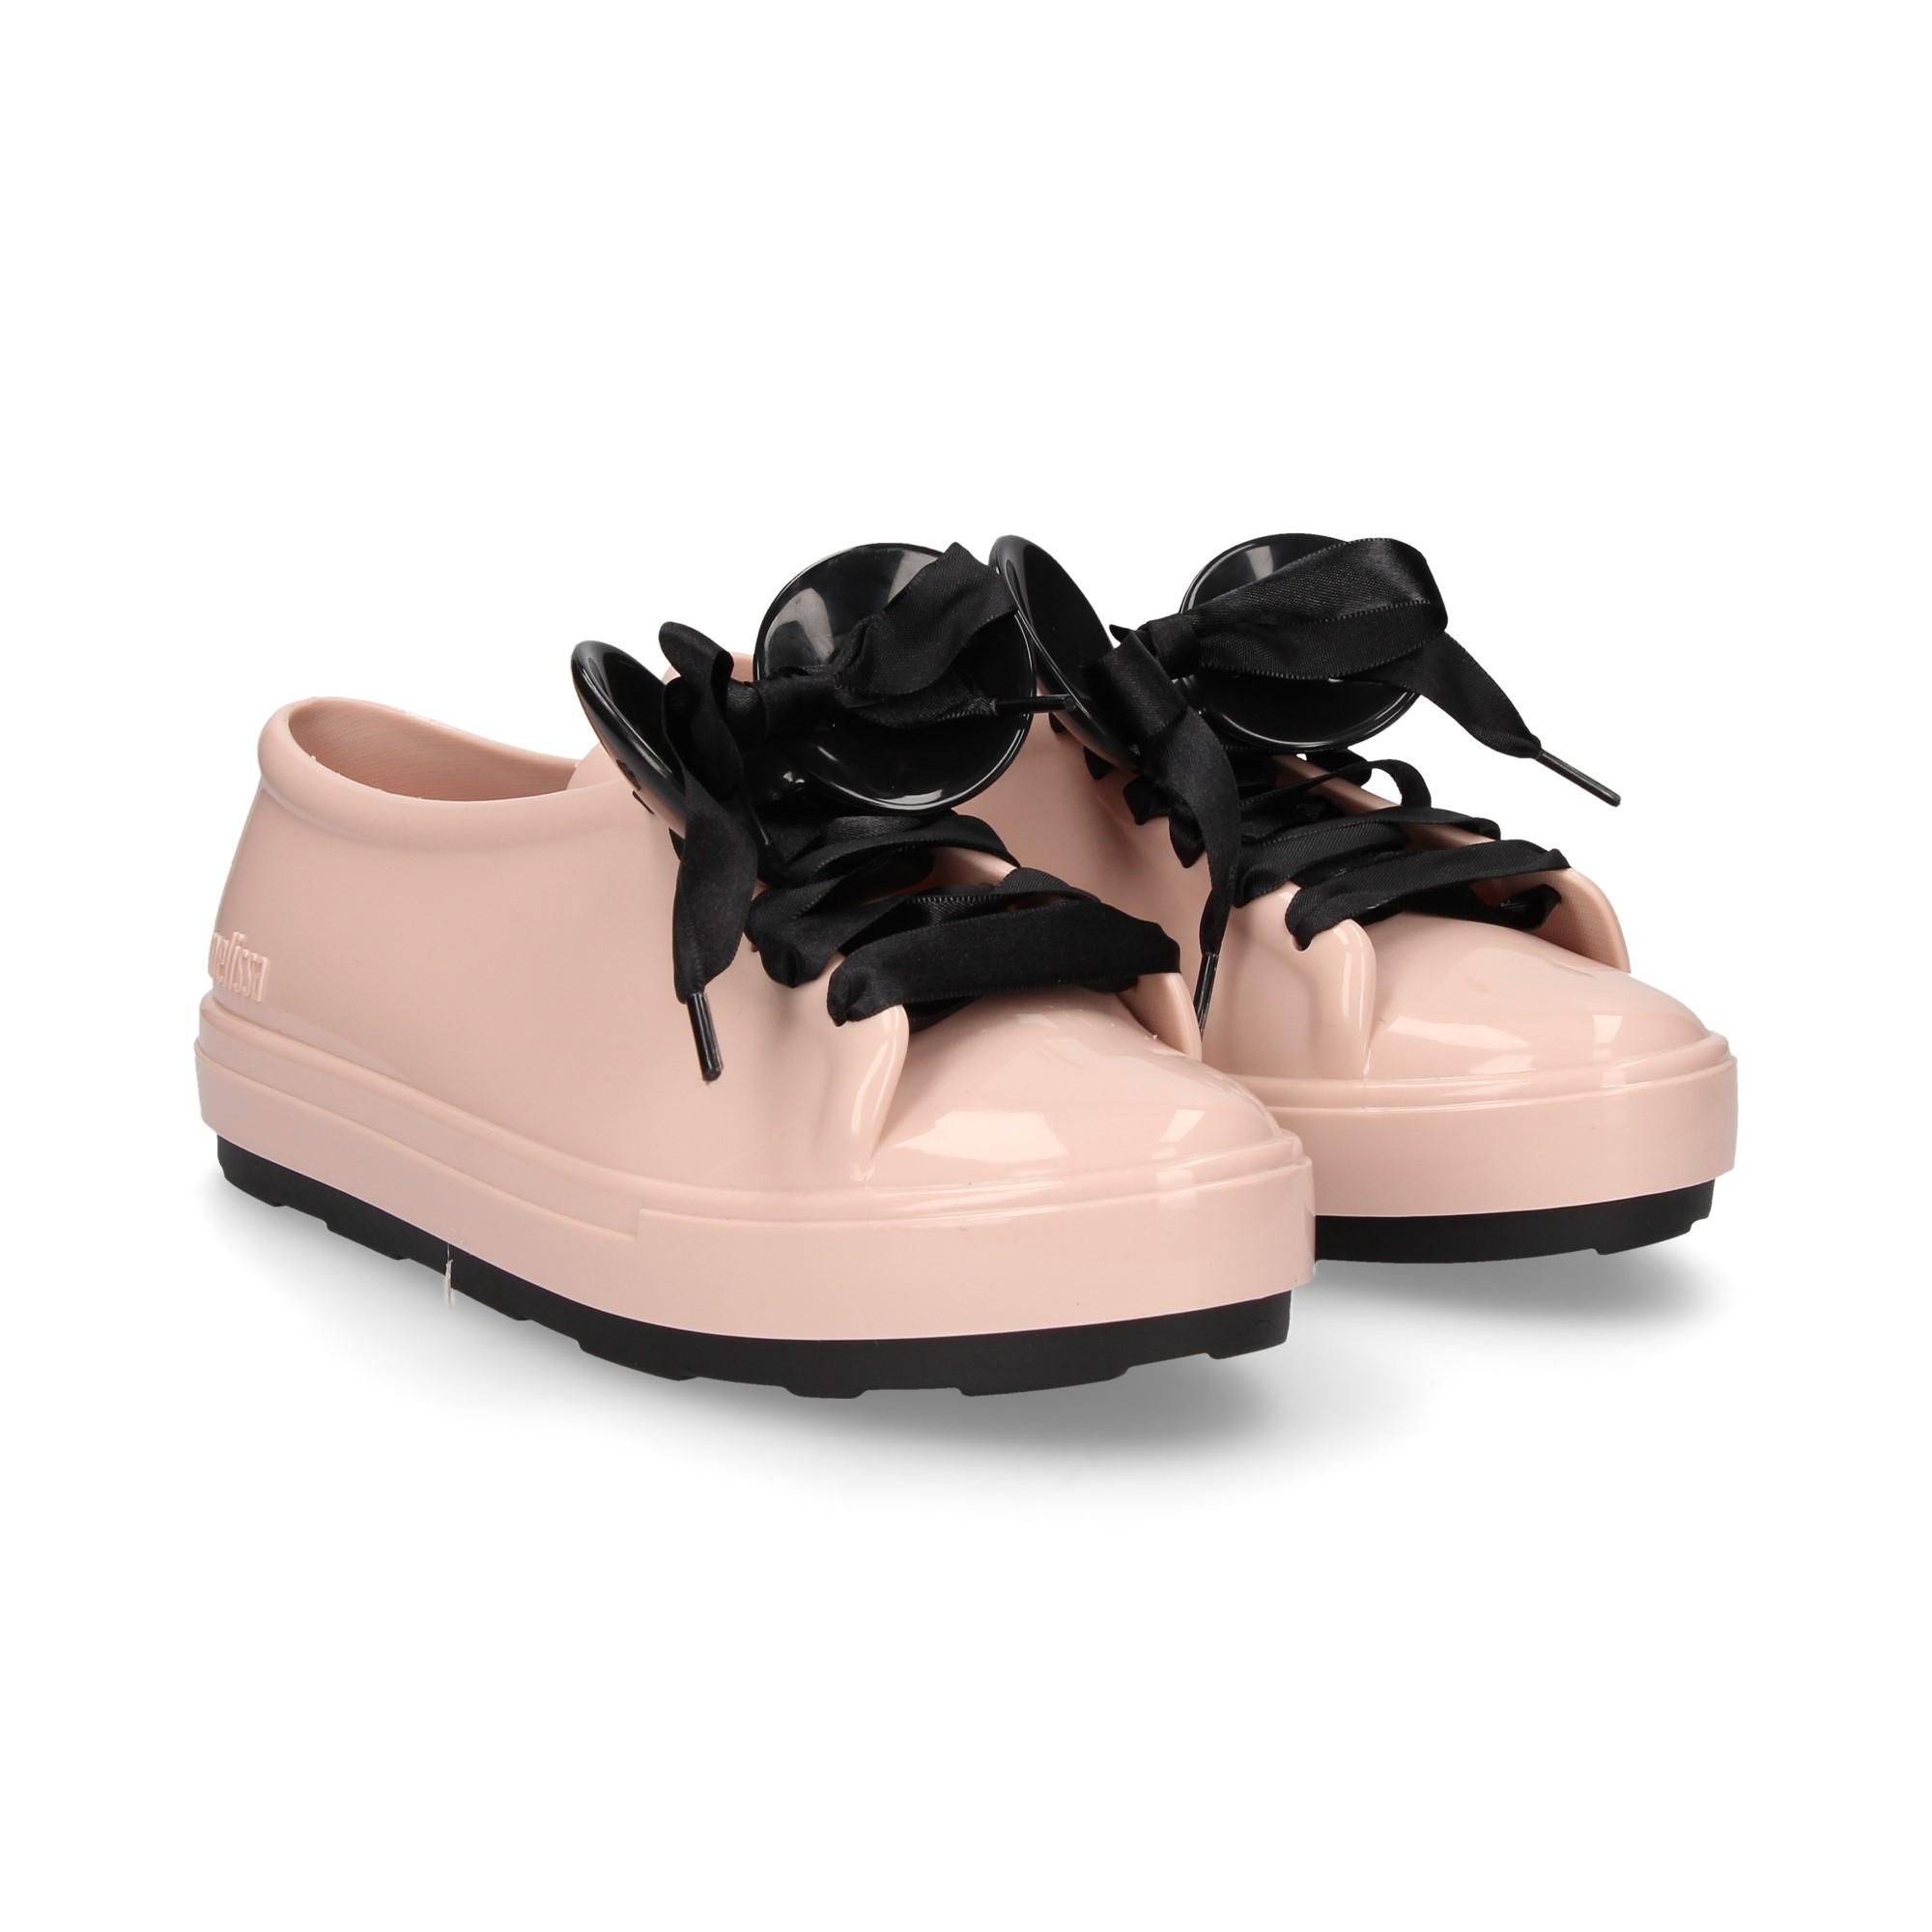 MELISSA Zapatillas de Mujer 32259 51647 NUDE b3acccbff45c